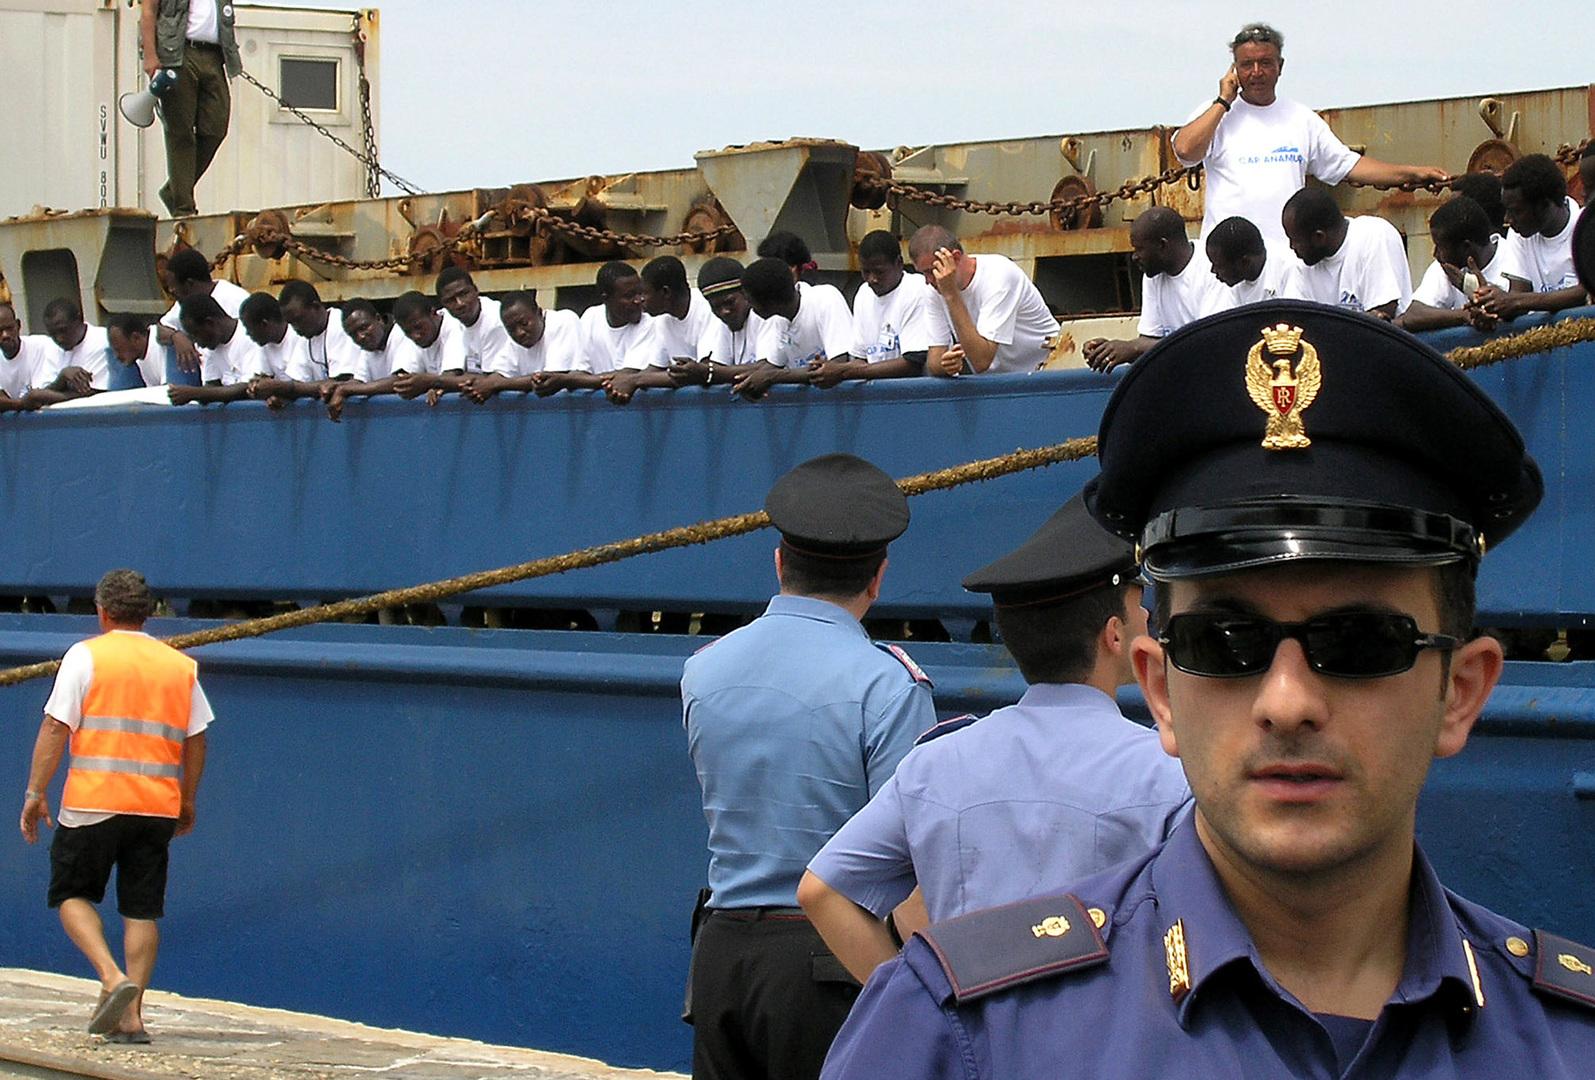 سفينة للمهاجرين في ميناء جزيرة صقلية